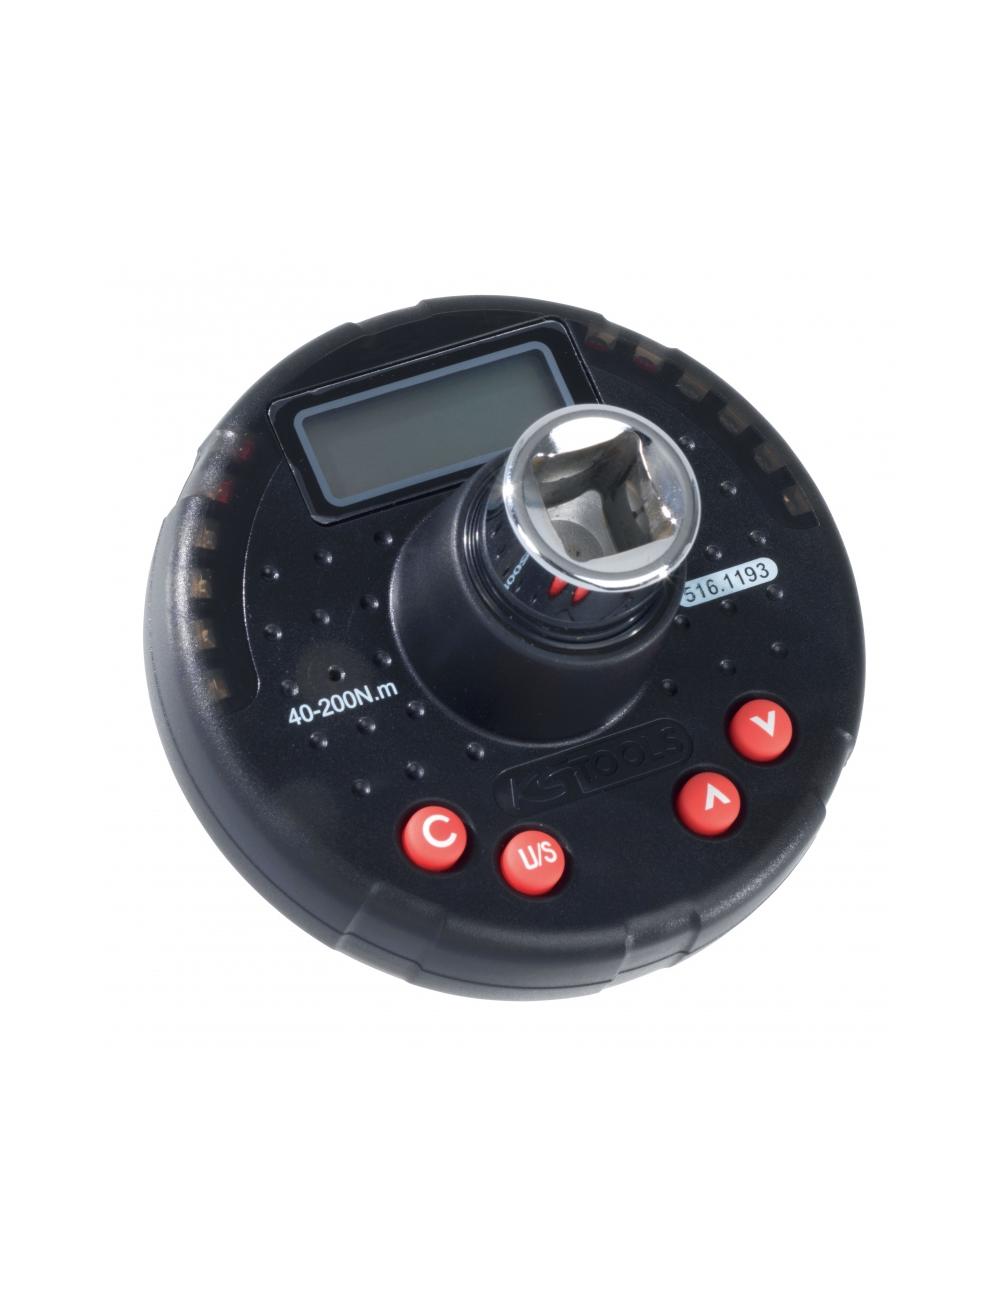 Adaptateur couple et angle, capacité 10 – 200 Nm